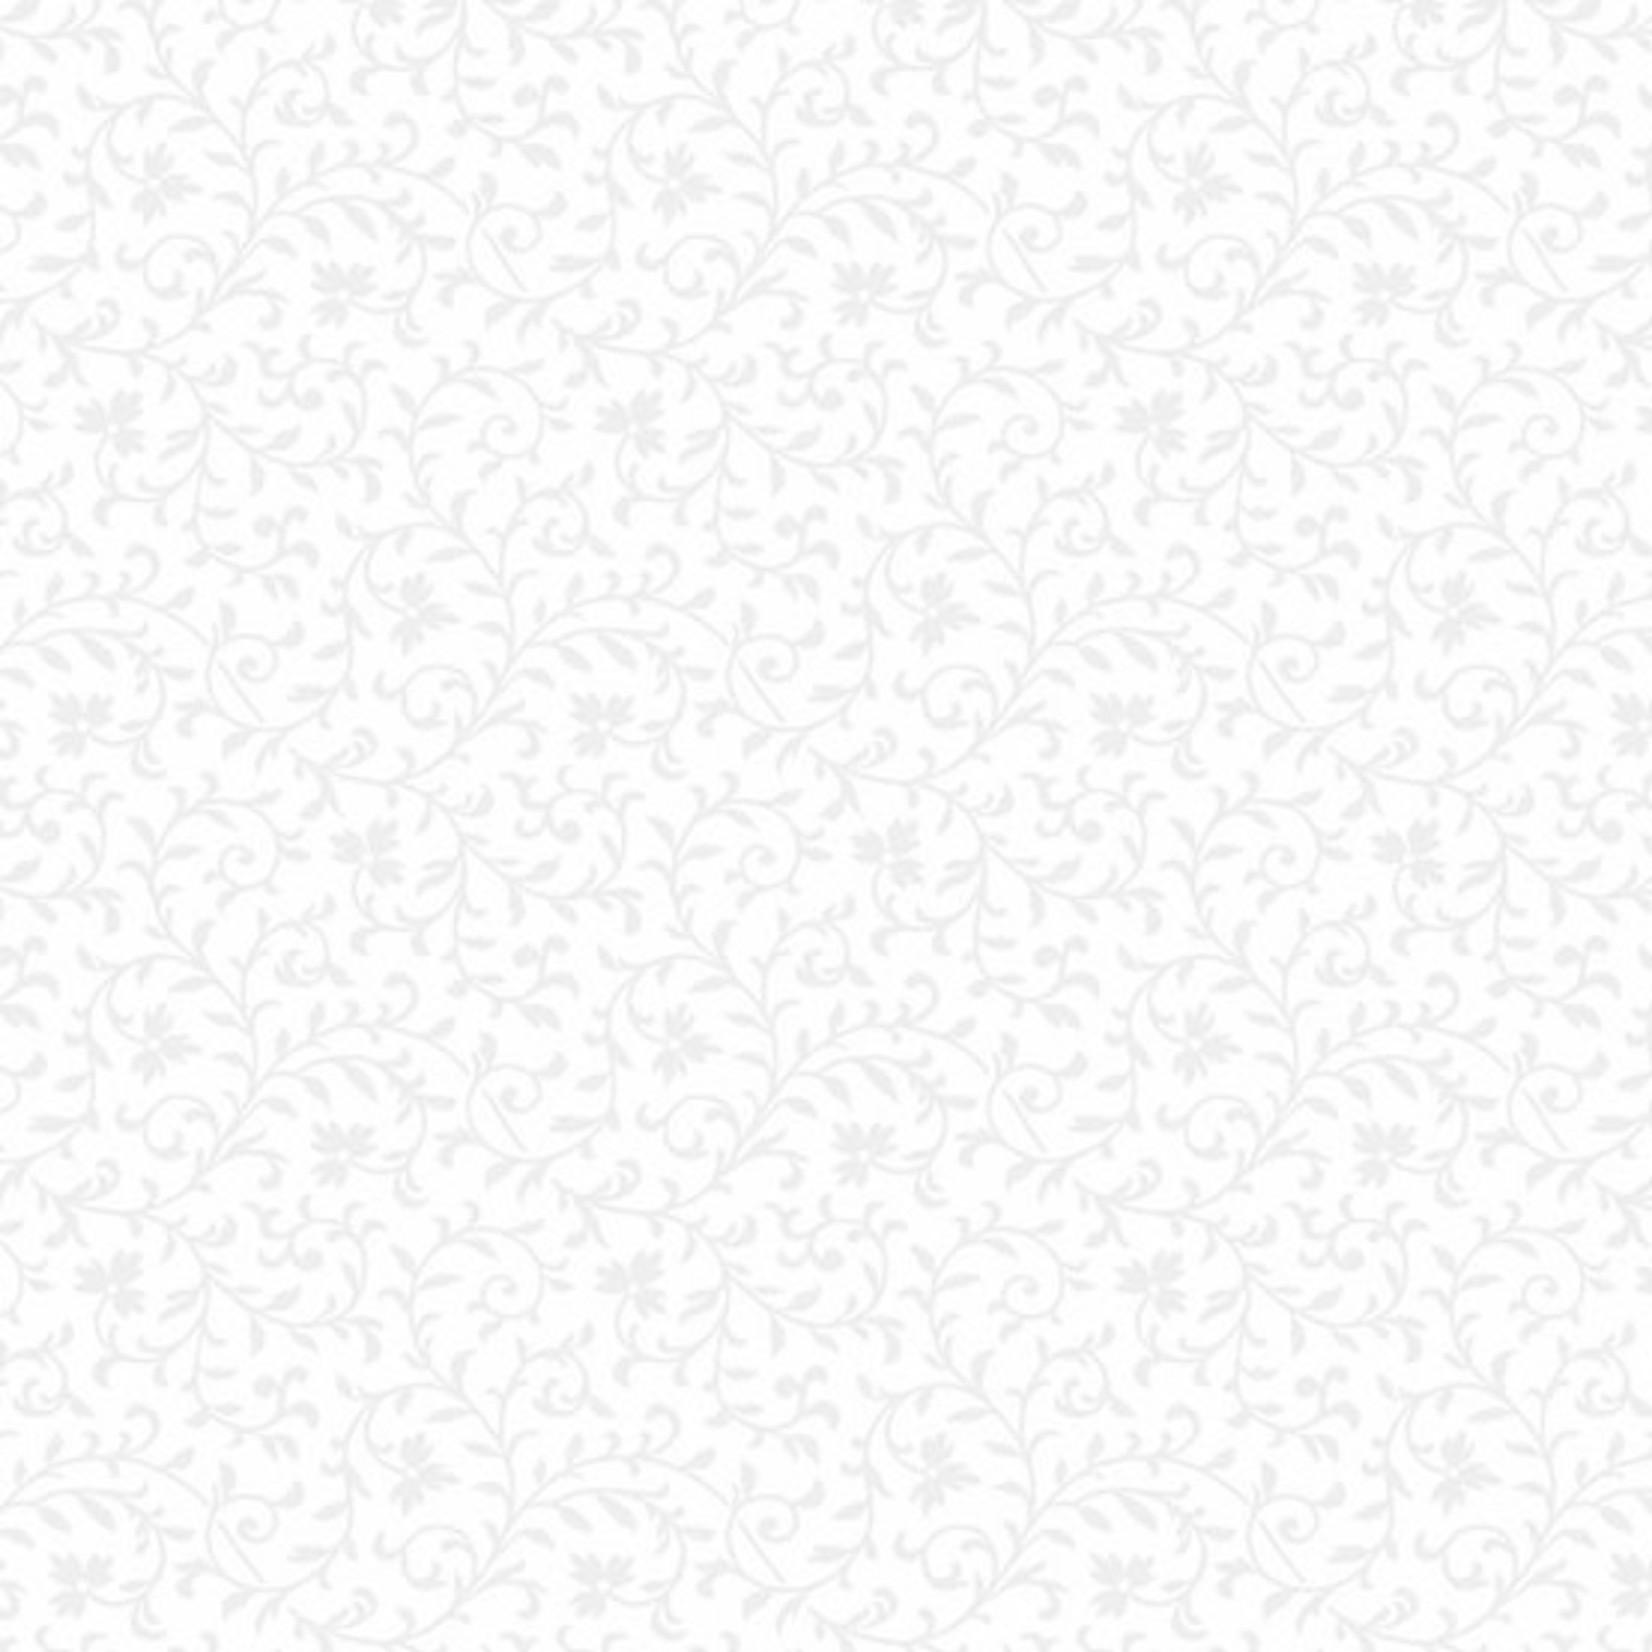 ANDOVER Century Whites, Delicate Vine CS-9685-WW $0.18 per cm or $18/m